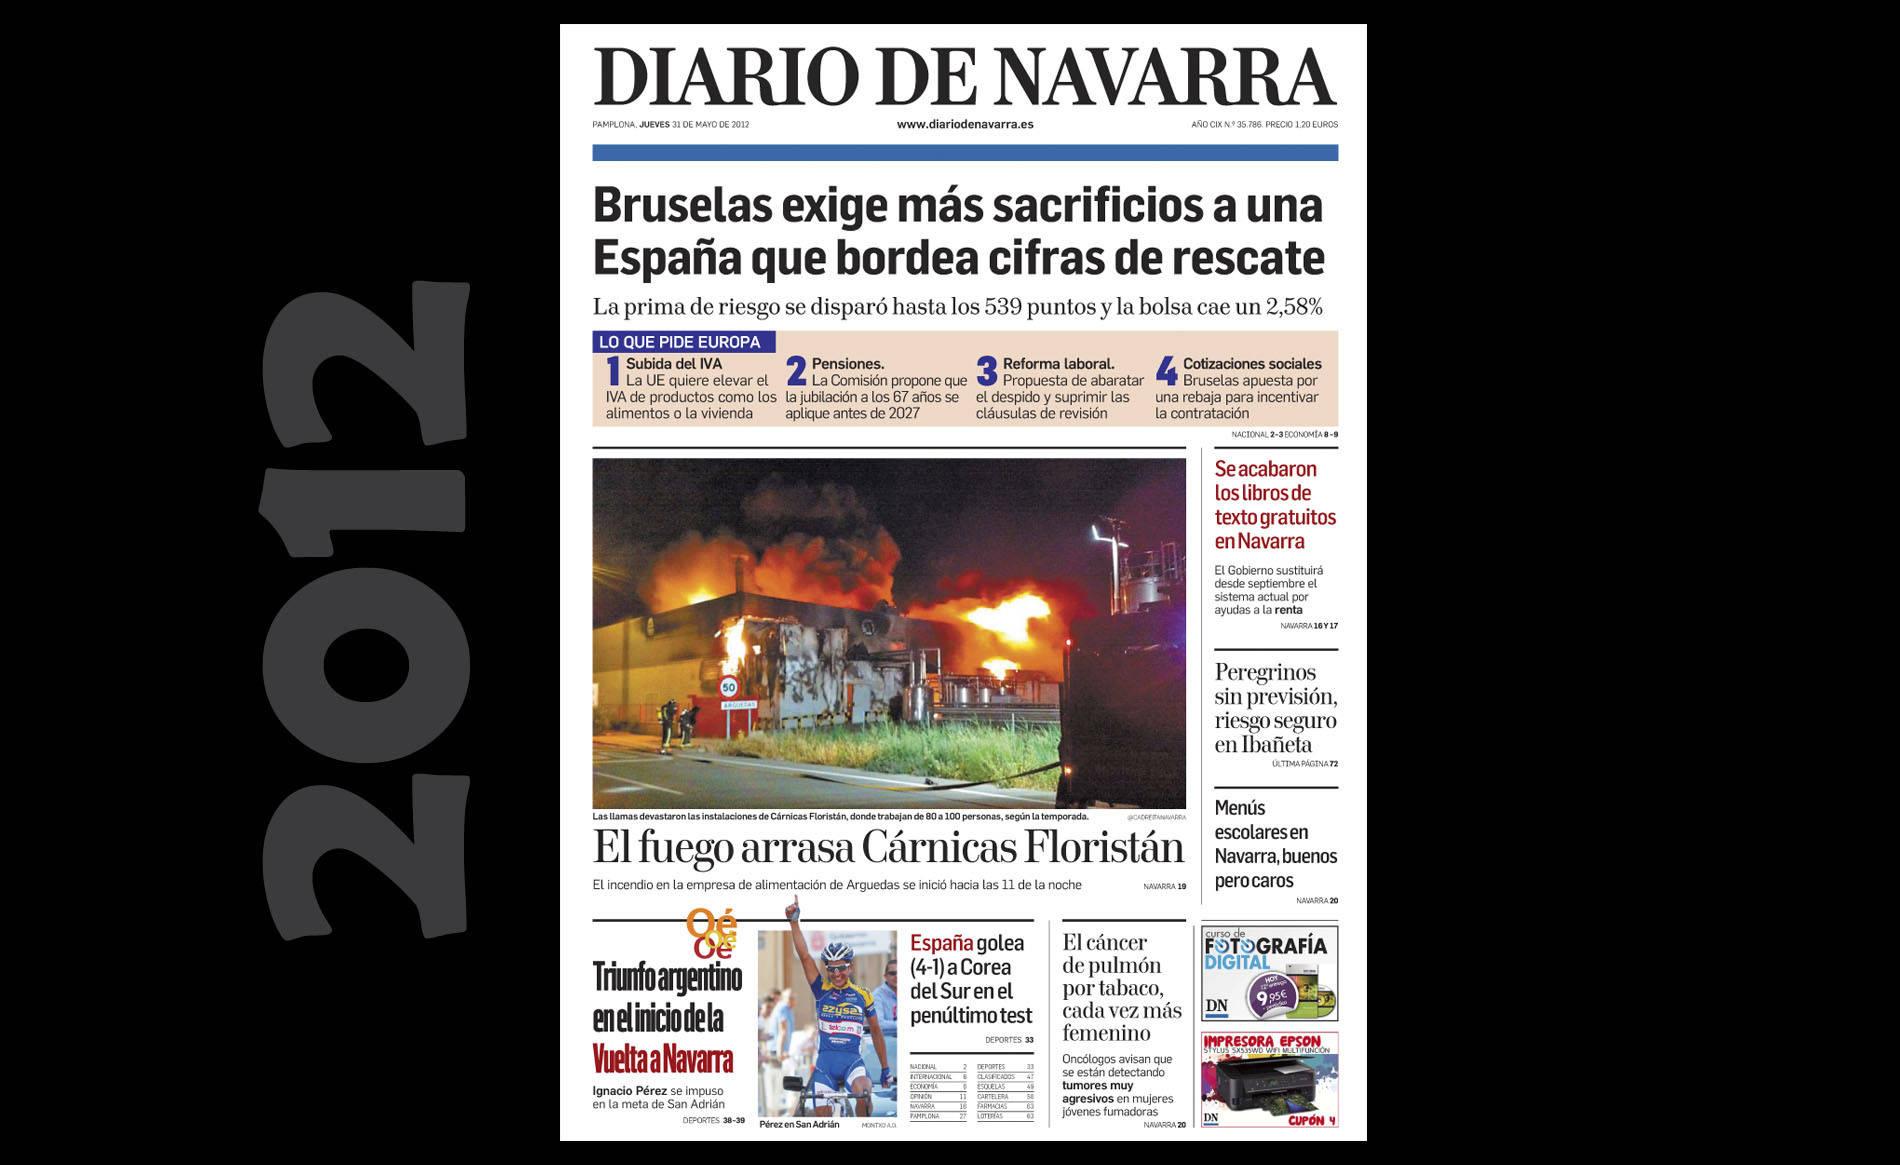 Hemeroteca visual del 30 de mayo (1/12) - Las imágenes del día de hace 5, 10 y 20 años. - Navarra -